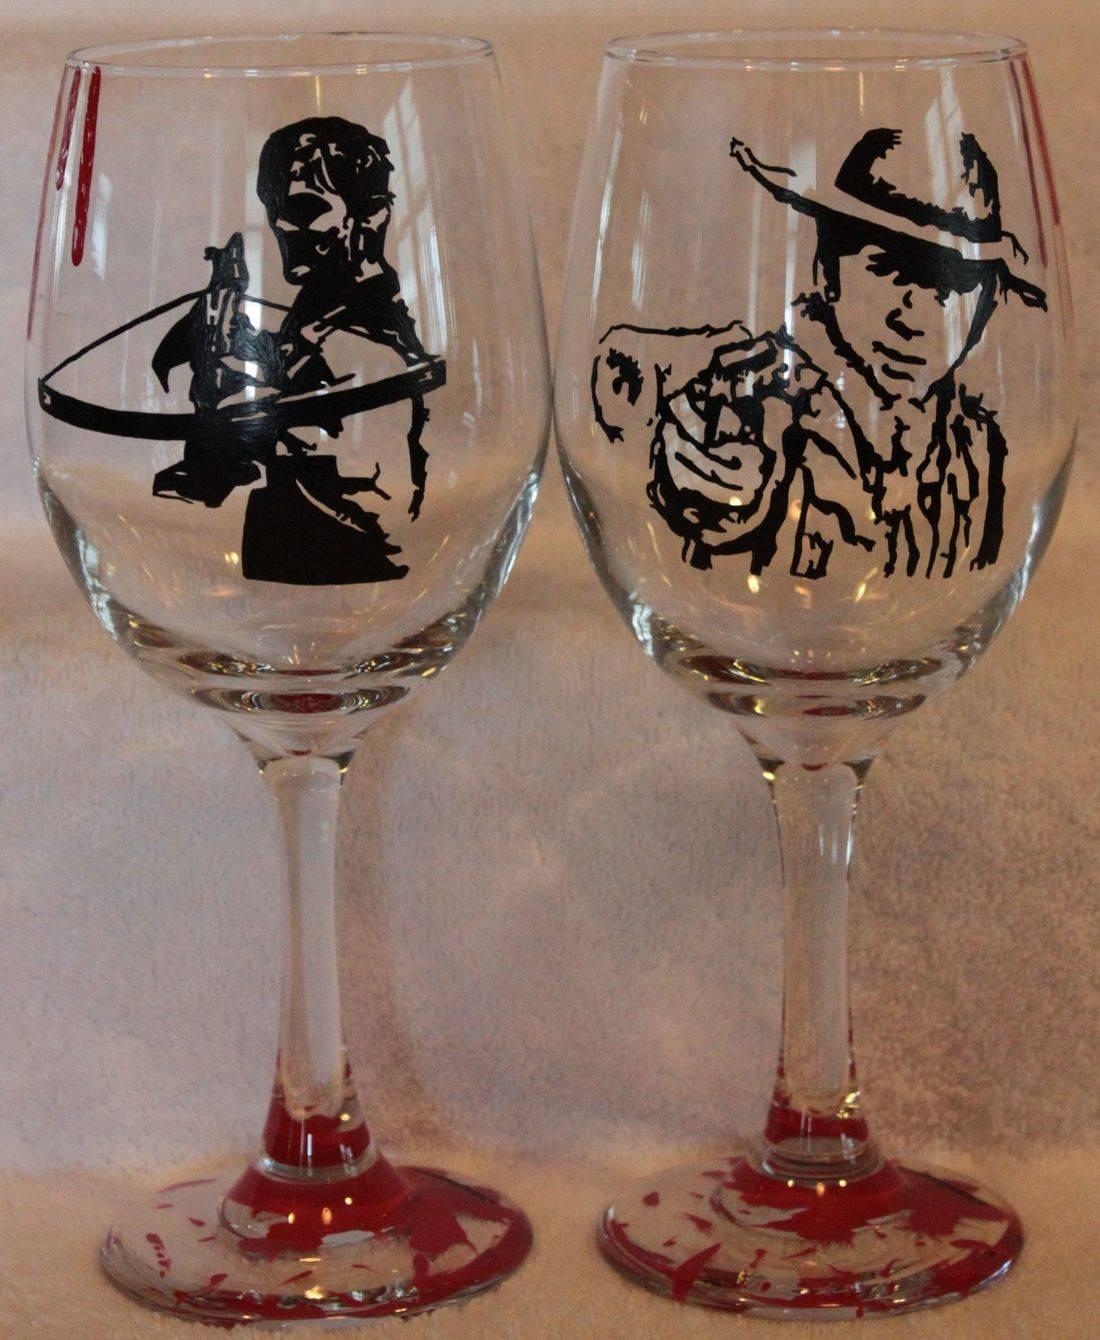 Daryl wine glass, carl wine glass